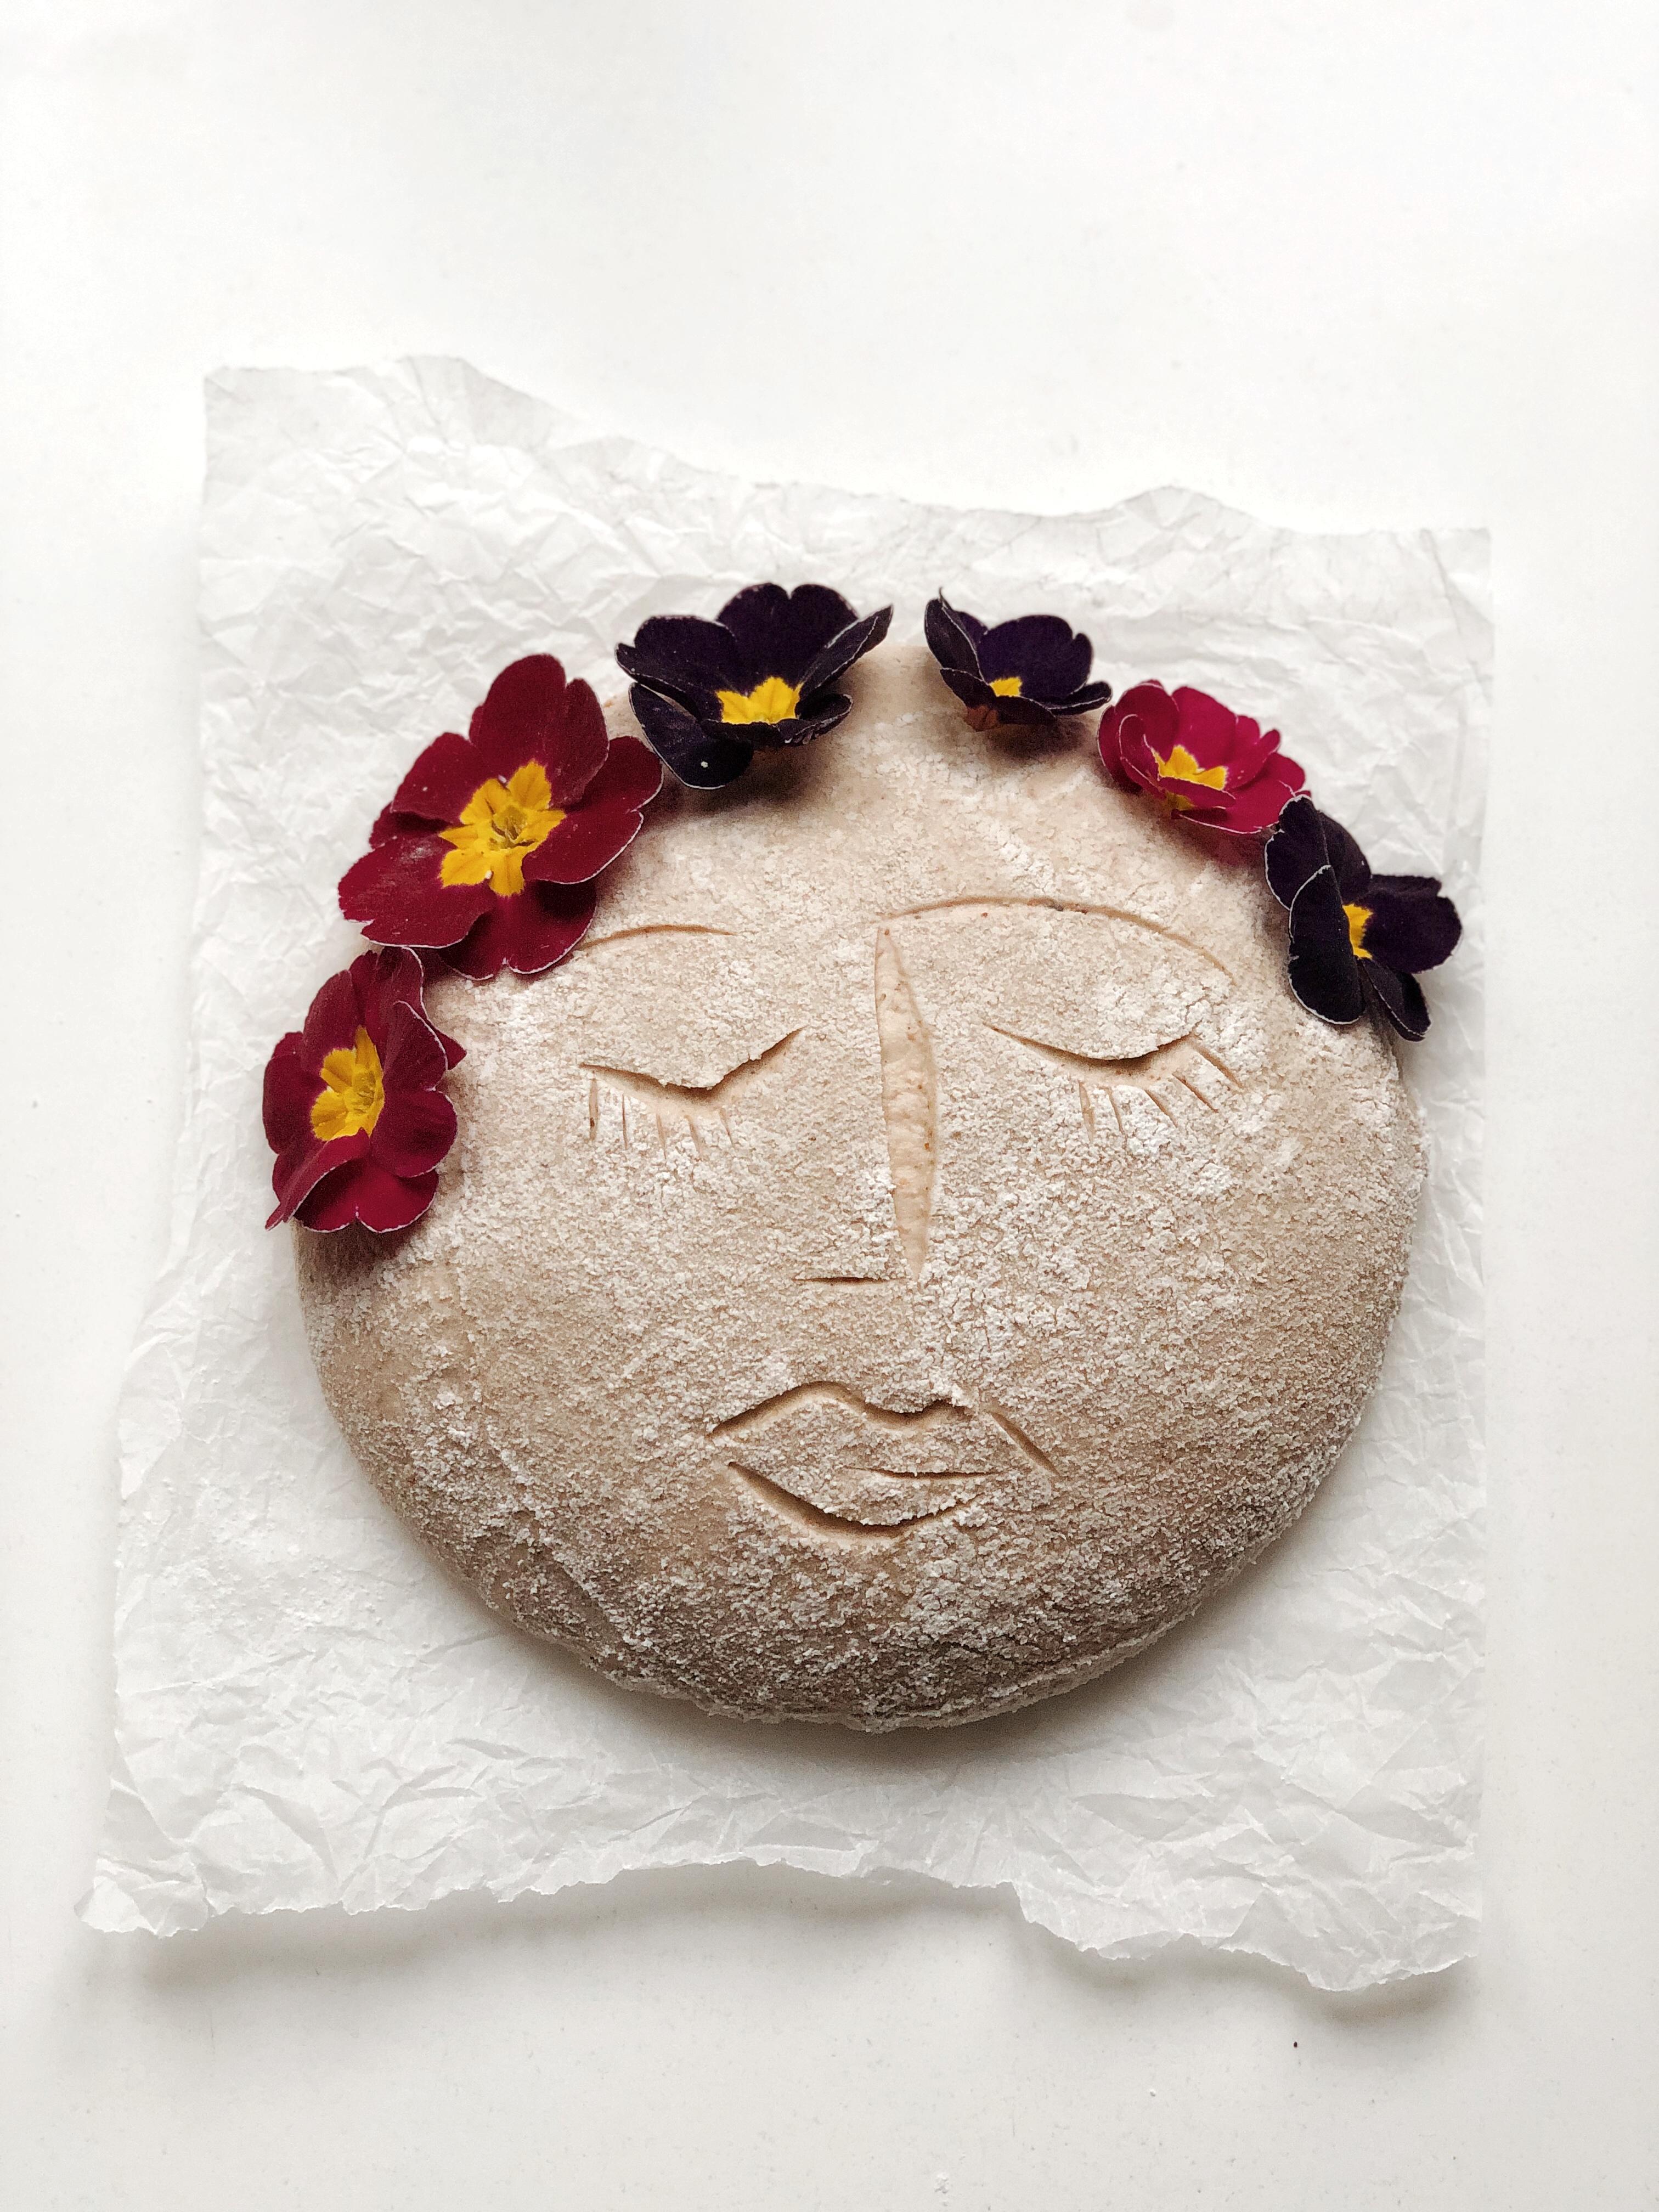 boule de pain avant cuisson décorée avec fleurs fraiches